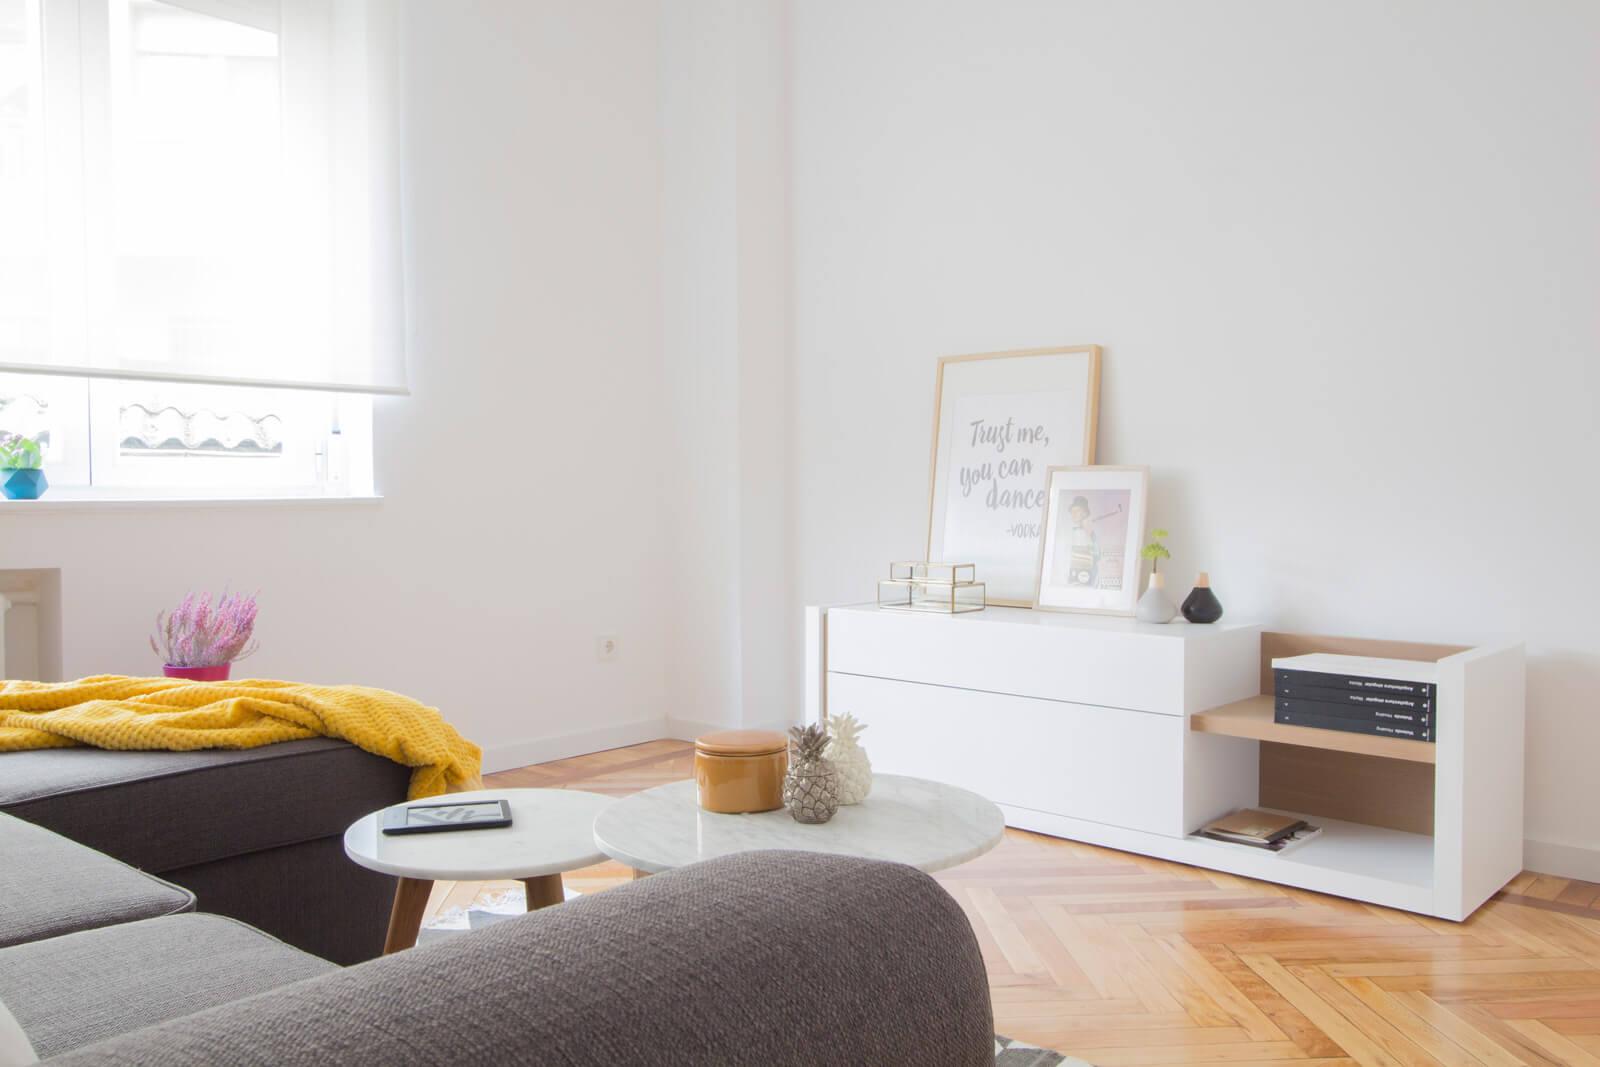 Luchana madrid r de room interiorismo y decoraci n for Vivienda y decoracion online